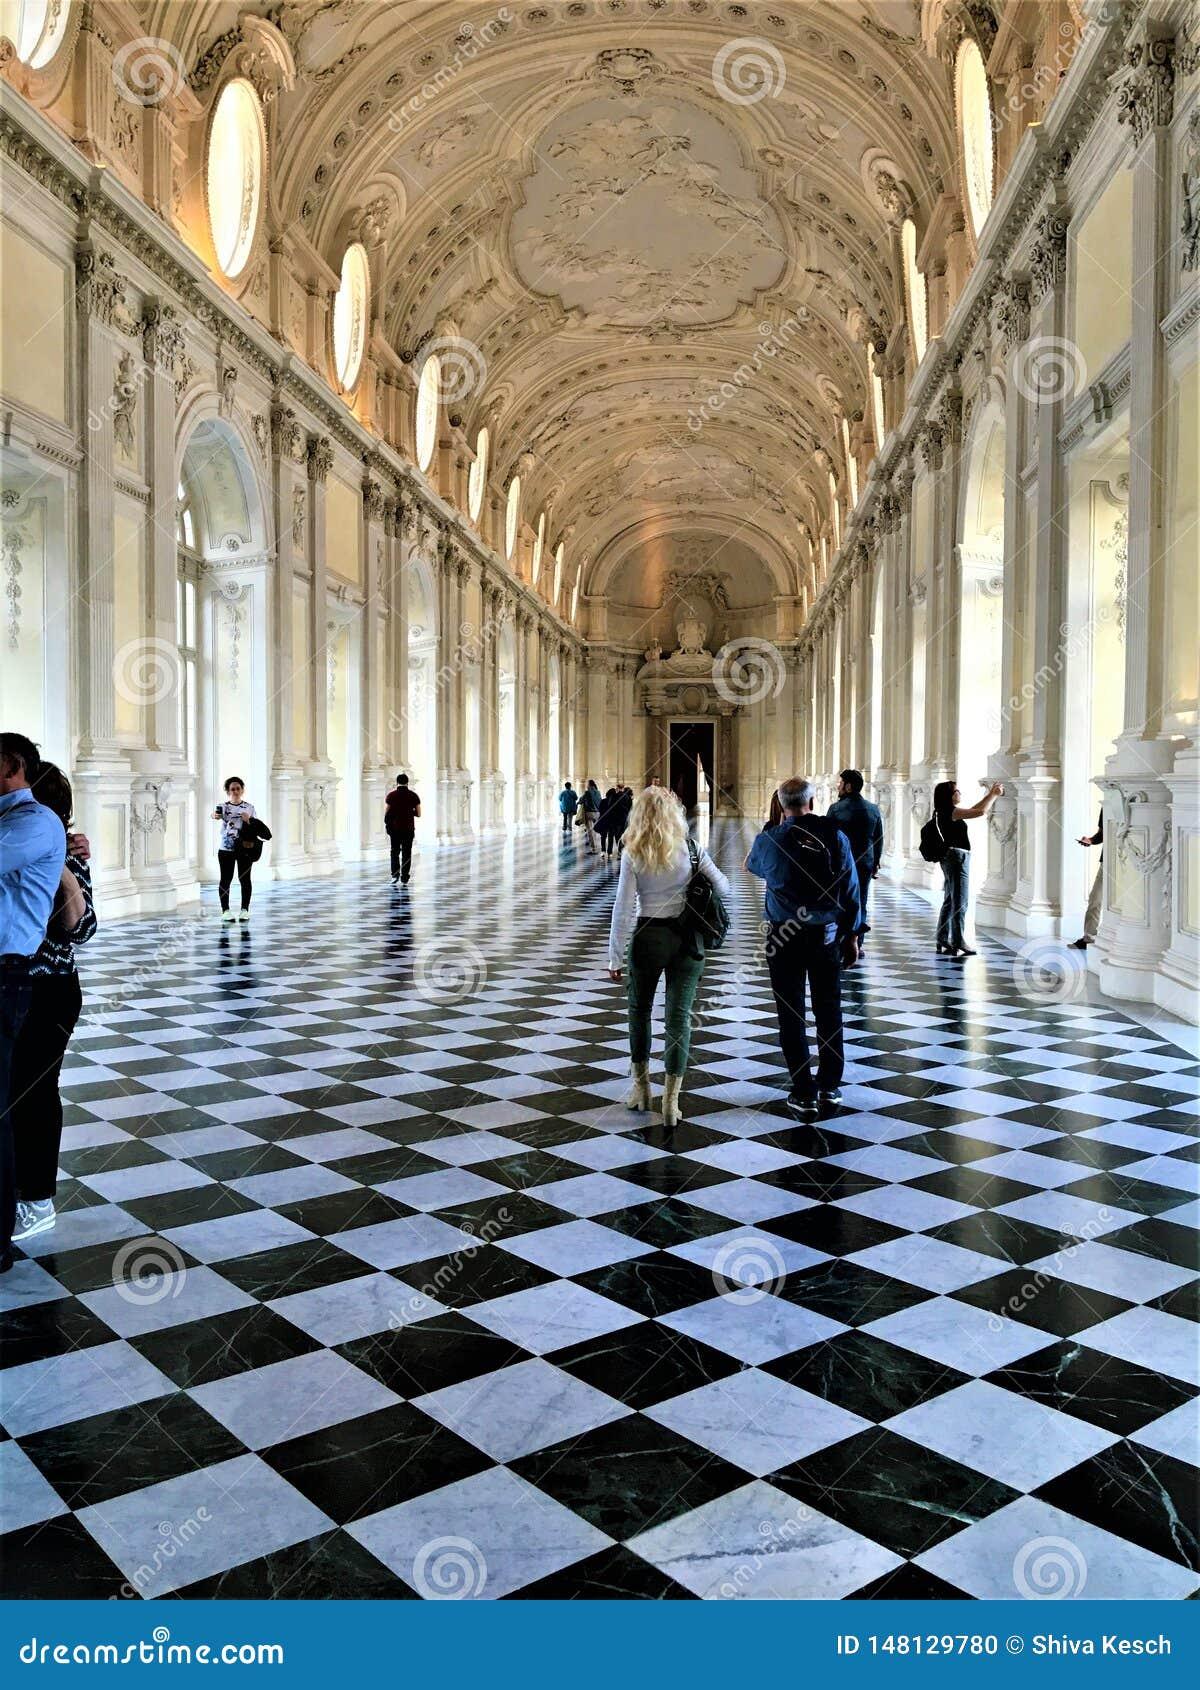 El palacio de Venaria en la ciudad de Turín, región de Piamonte, Italia Arte, historia y turismo